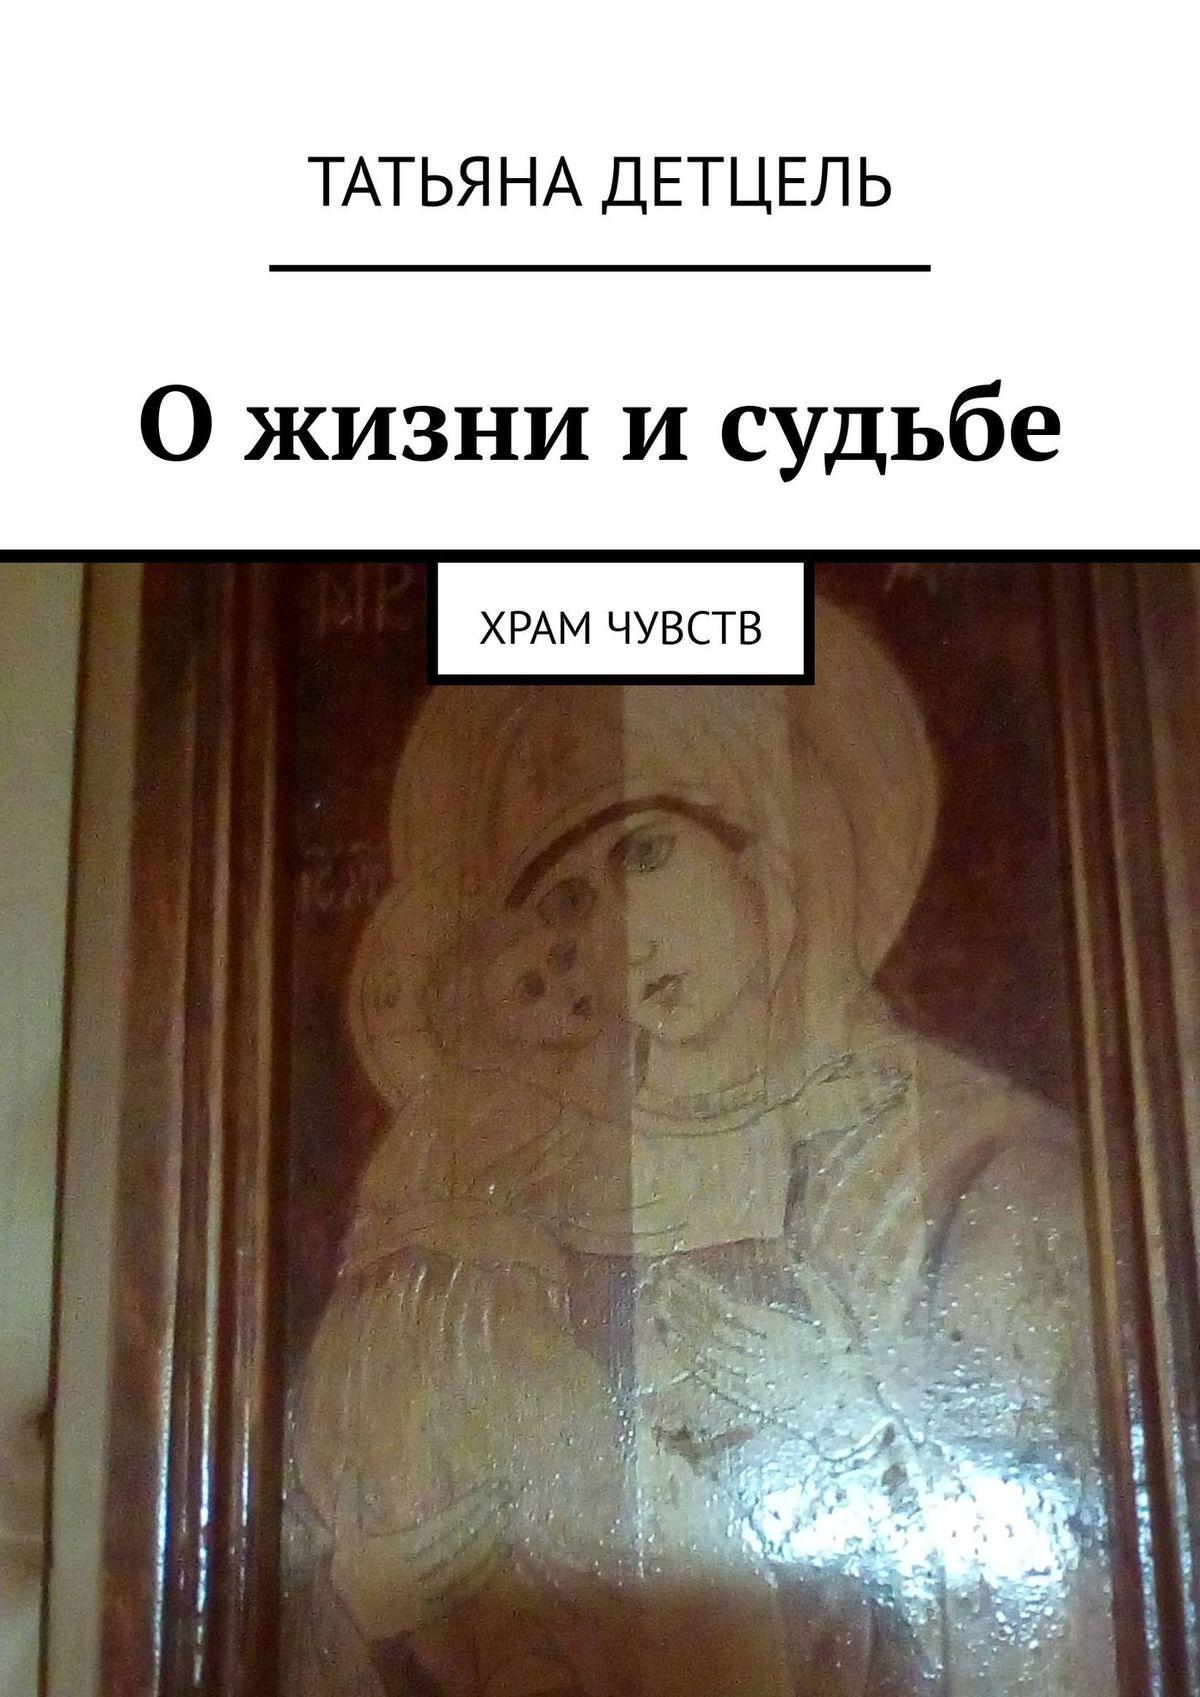 Татьяна Иванова Детцель О жизни и судьбе. Храм чувств